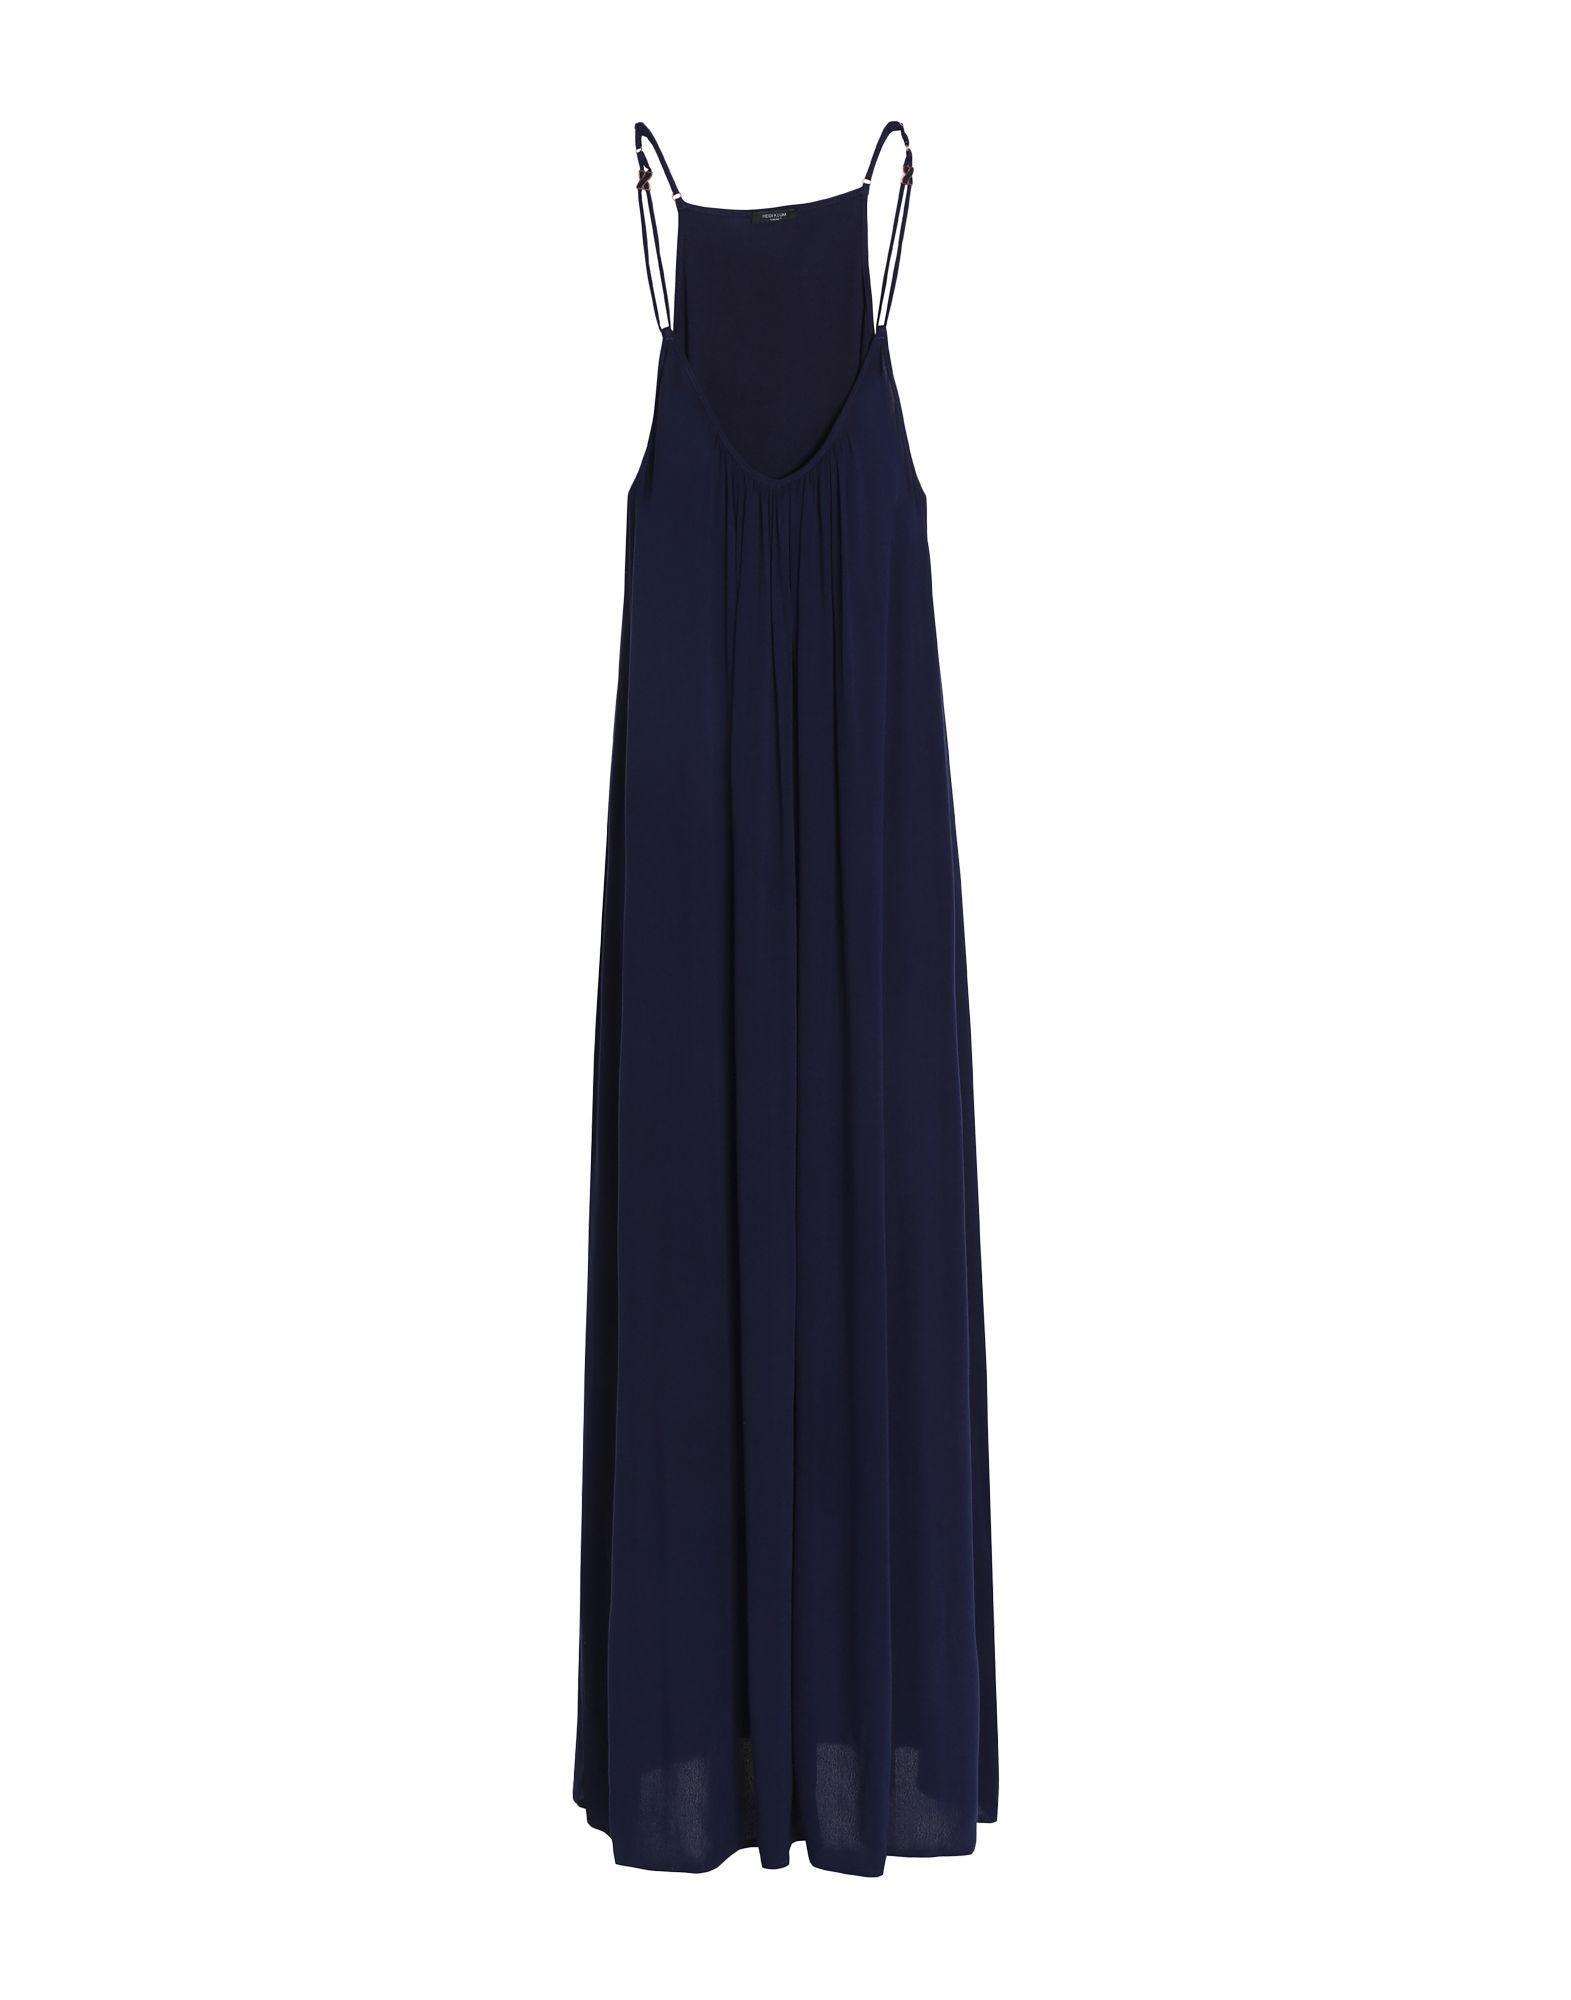 571cc6f756 Heidi Klum Beach Dress in Blue - Save 4% - Lyst